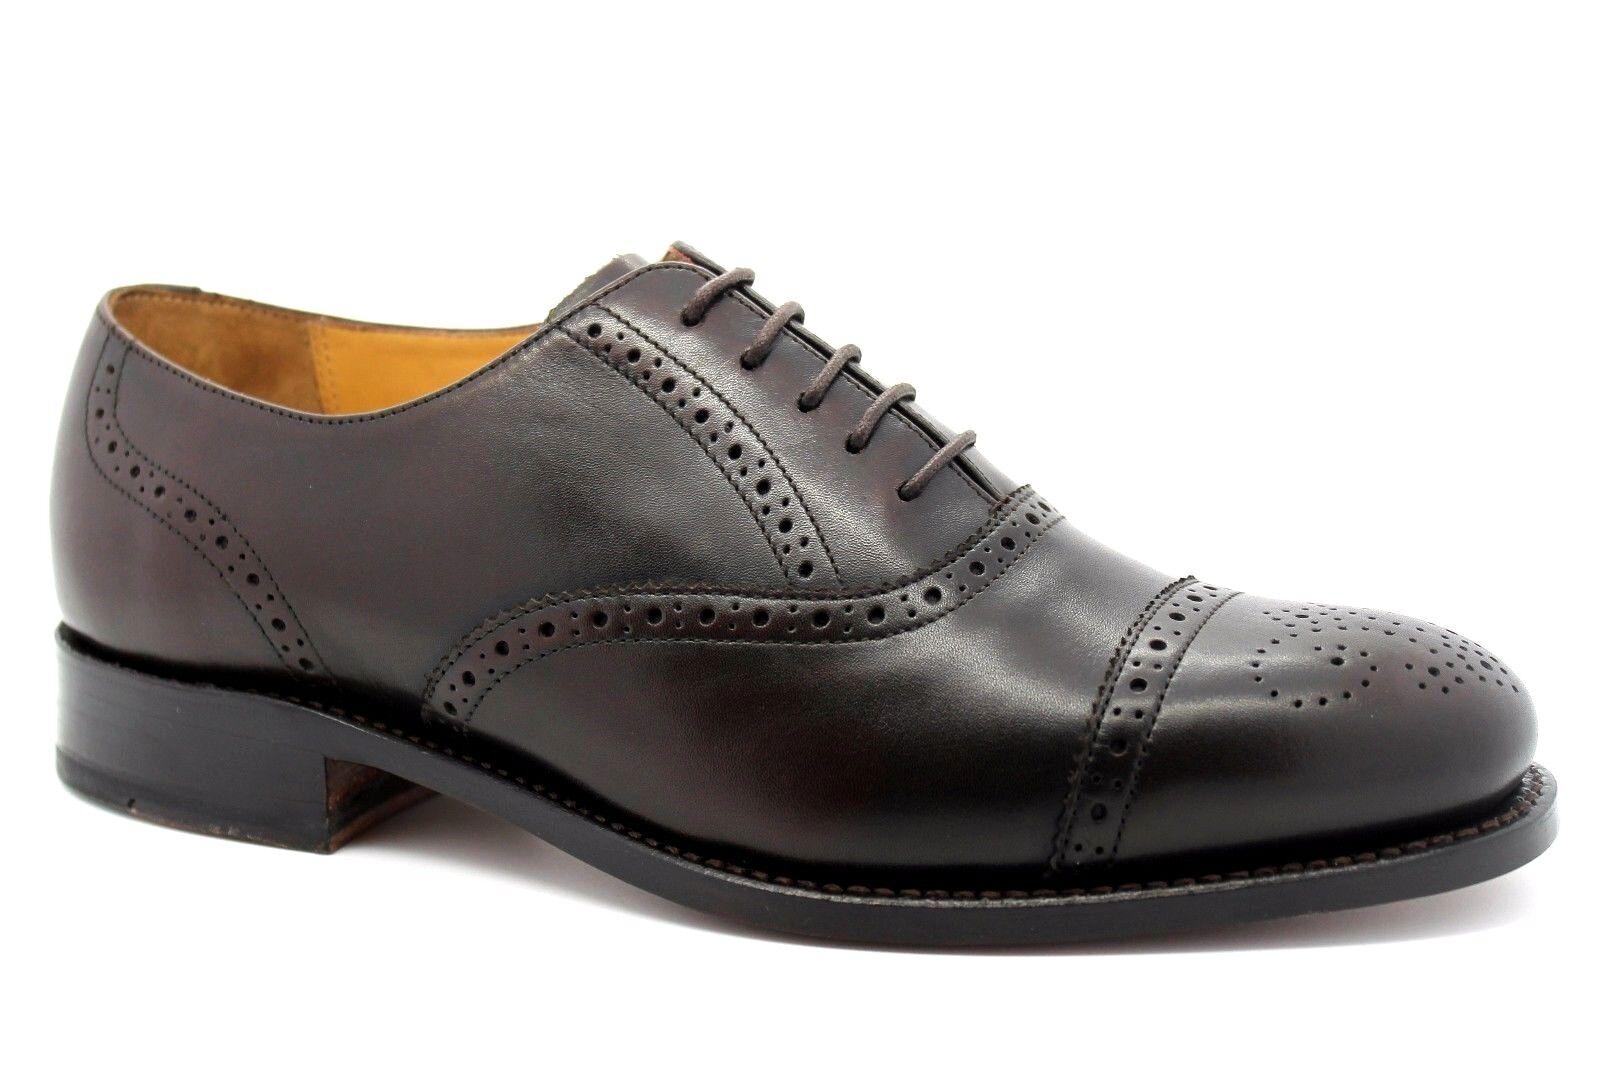 Barker Gatwick para hombre de cuero marrón Reino Unido 7G Savile Row Artesanal Inteligente Zapatos Derby